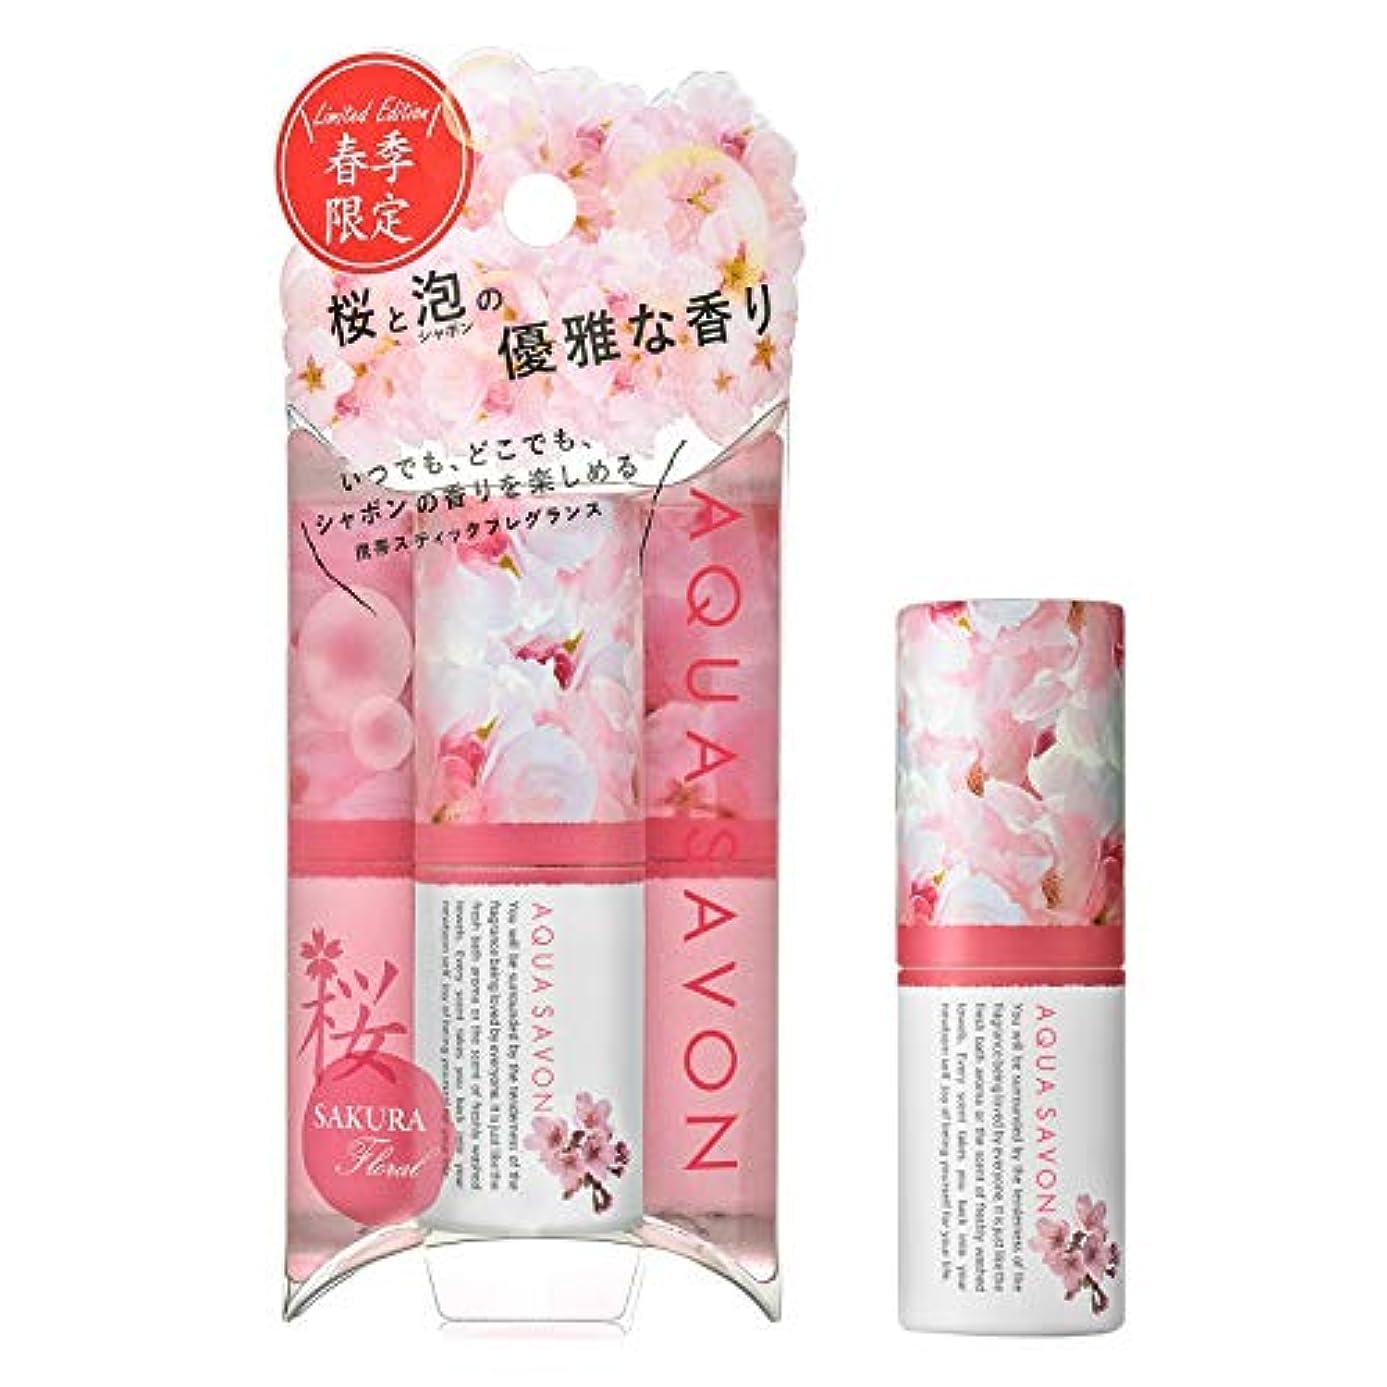 予感十グリップアクアシャボン スティックフレグランス 19S サクラフローラルの香り